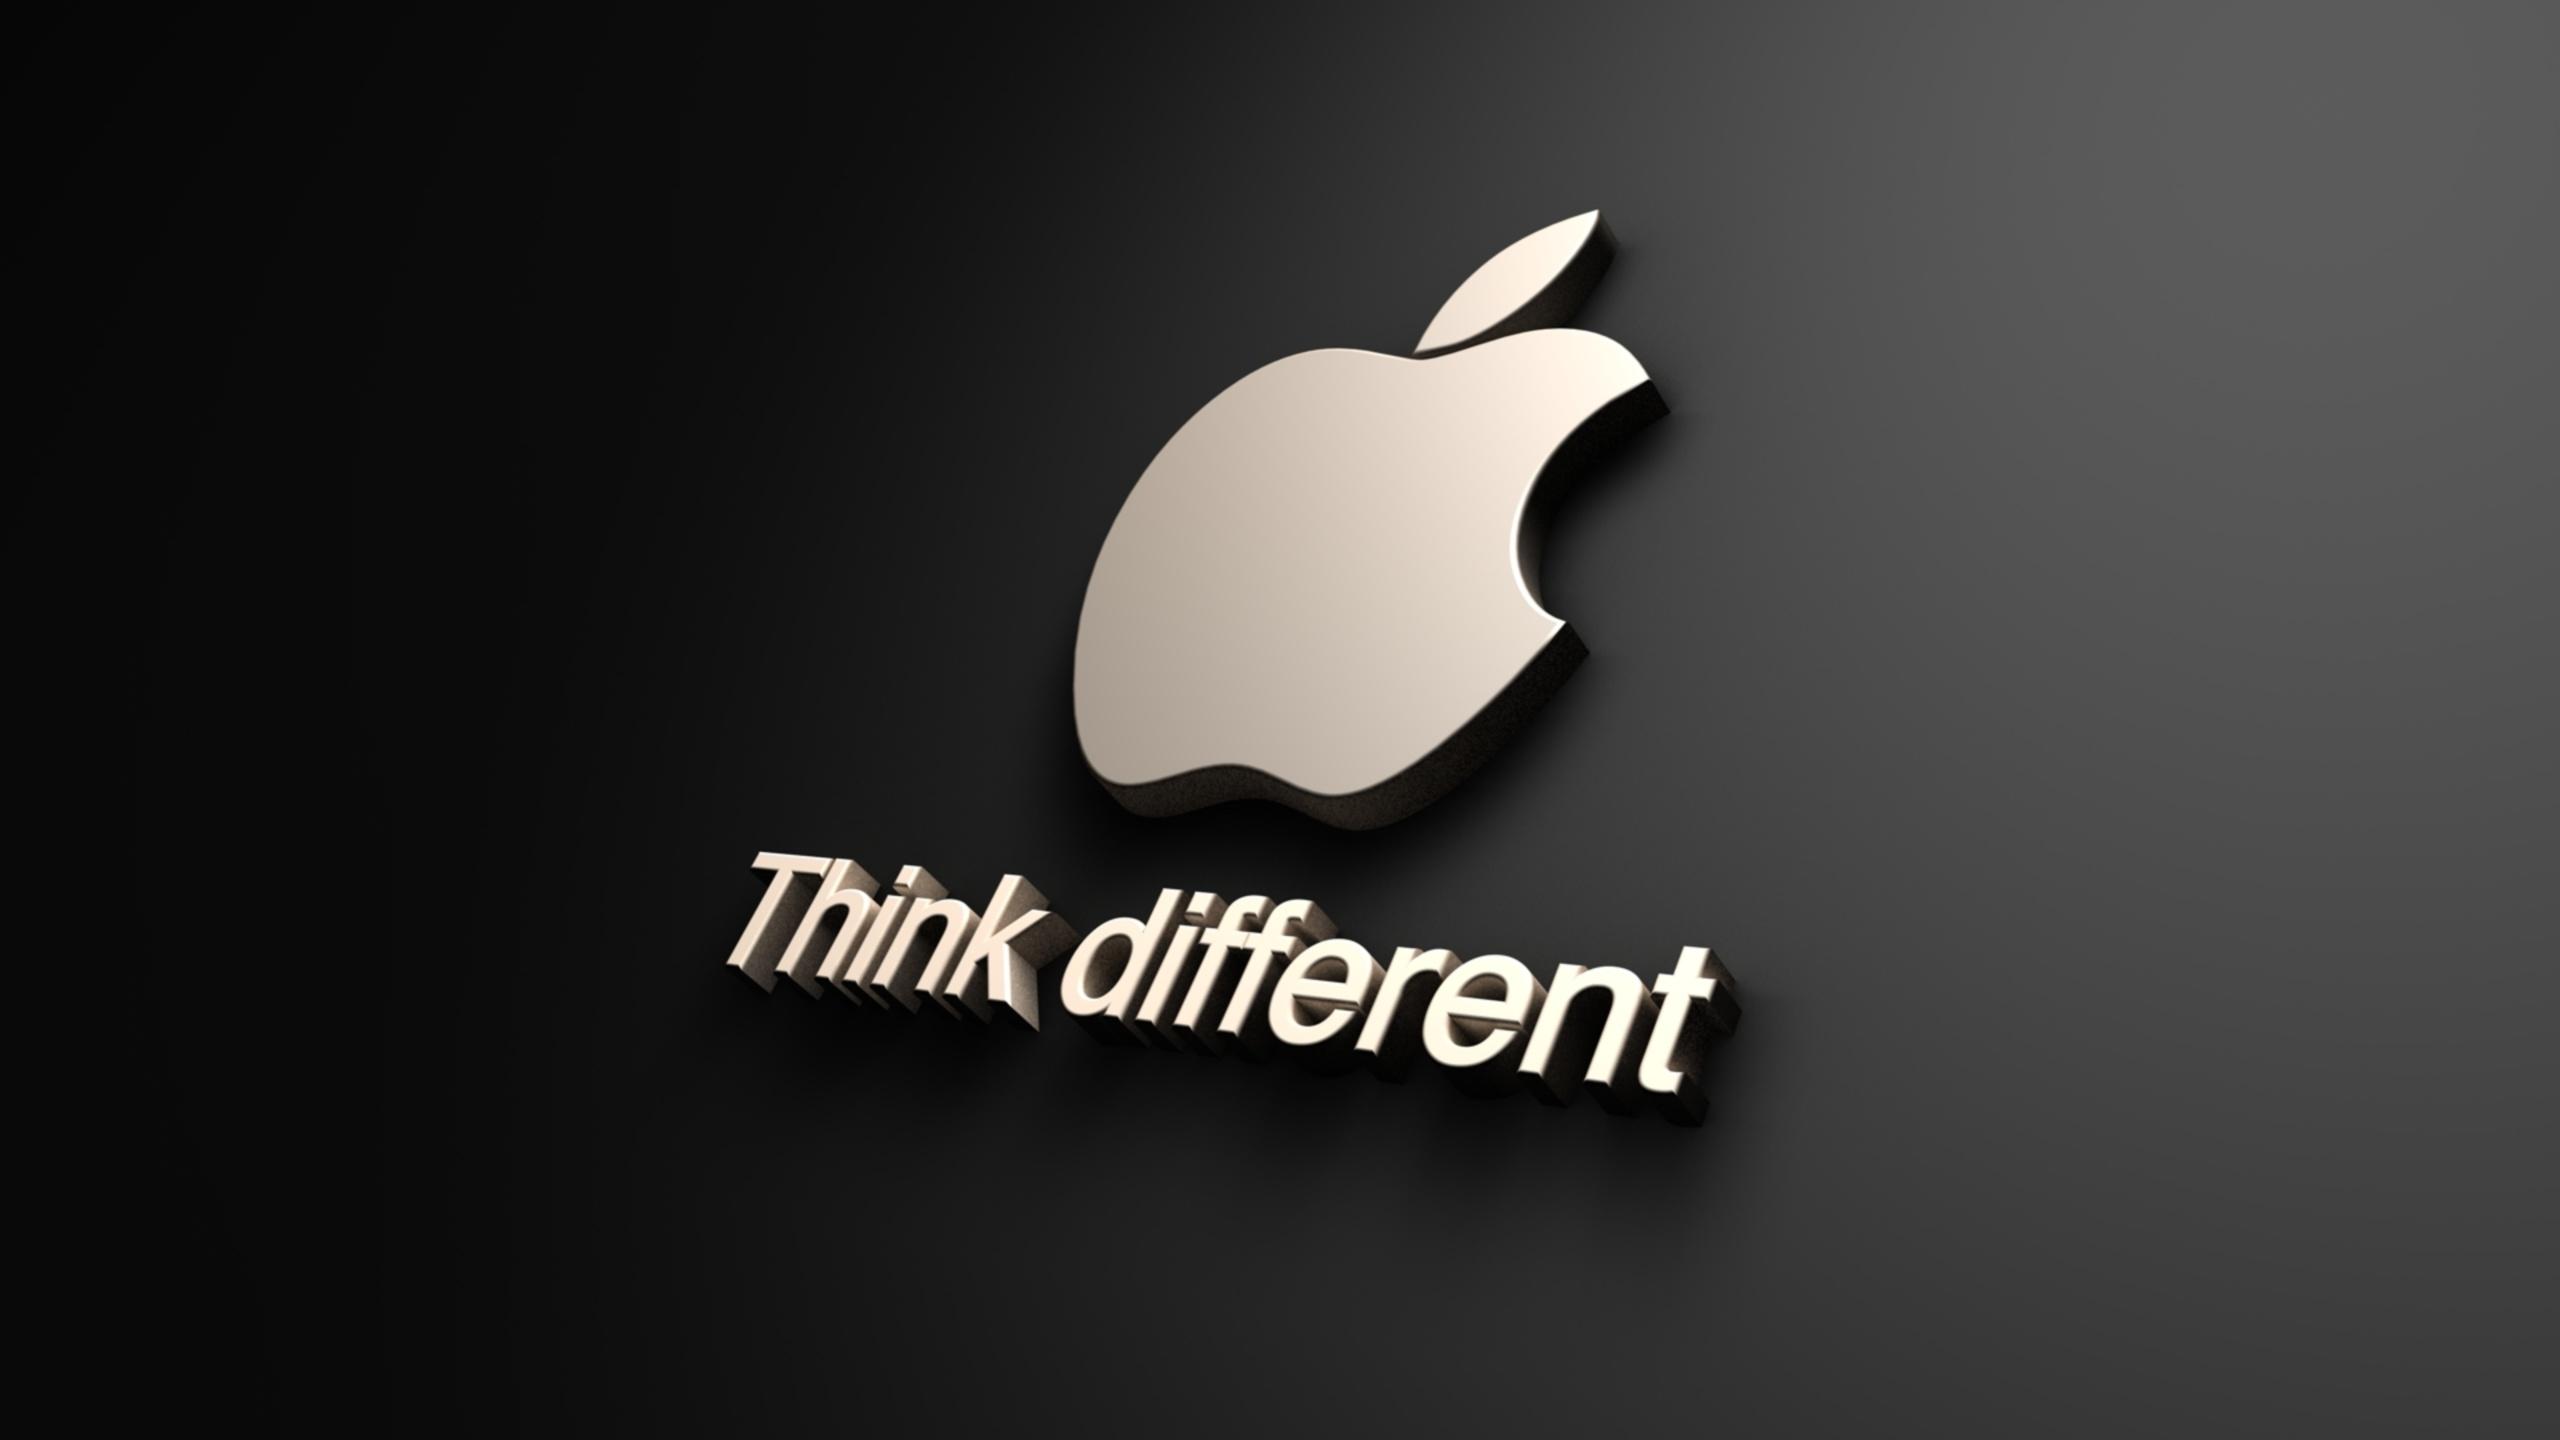 Исследователь заявляет, что Apple преуменьшила опасность найденной им уязвимости